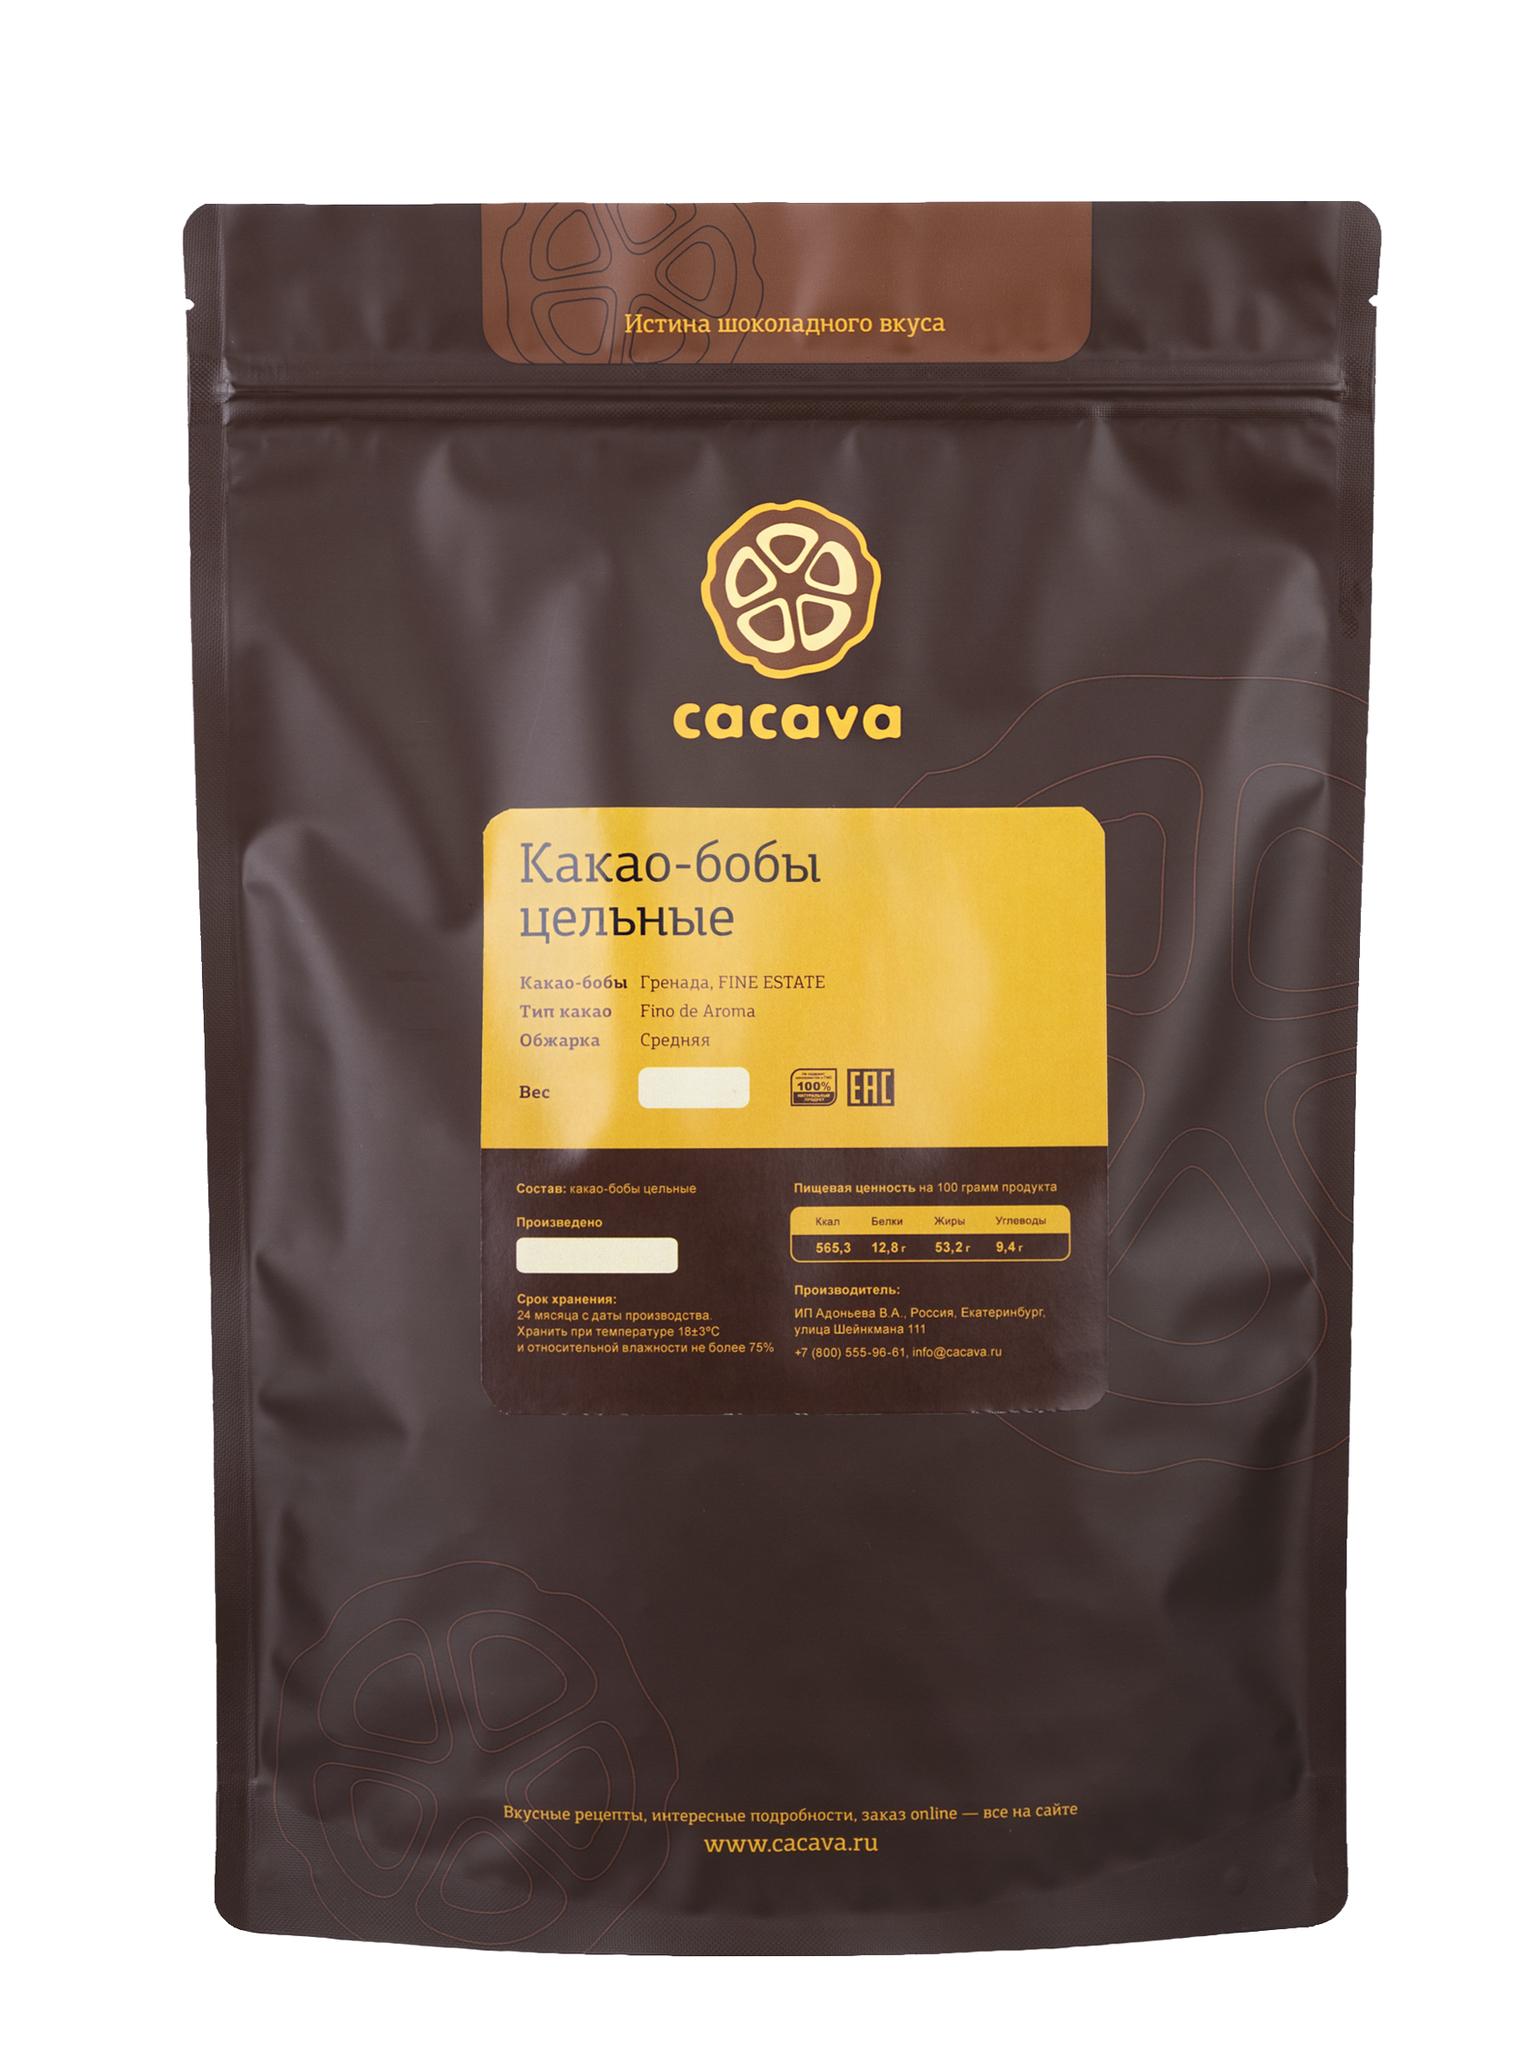 Какао-бобы цельные (Гренада), упаковка 1 и 3 кг